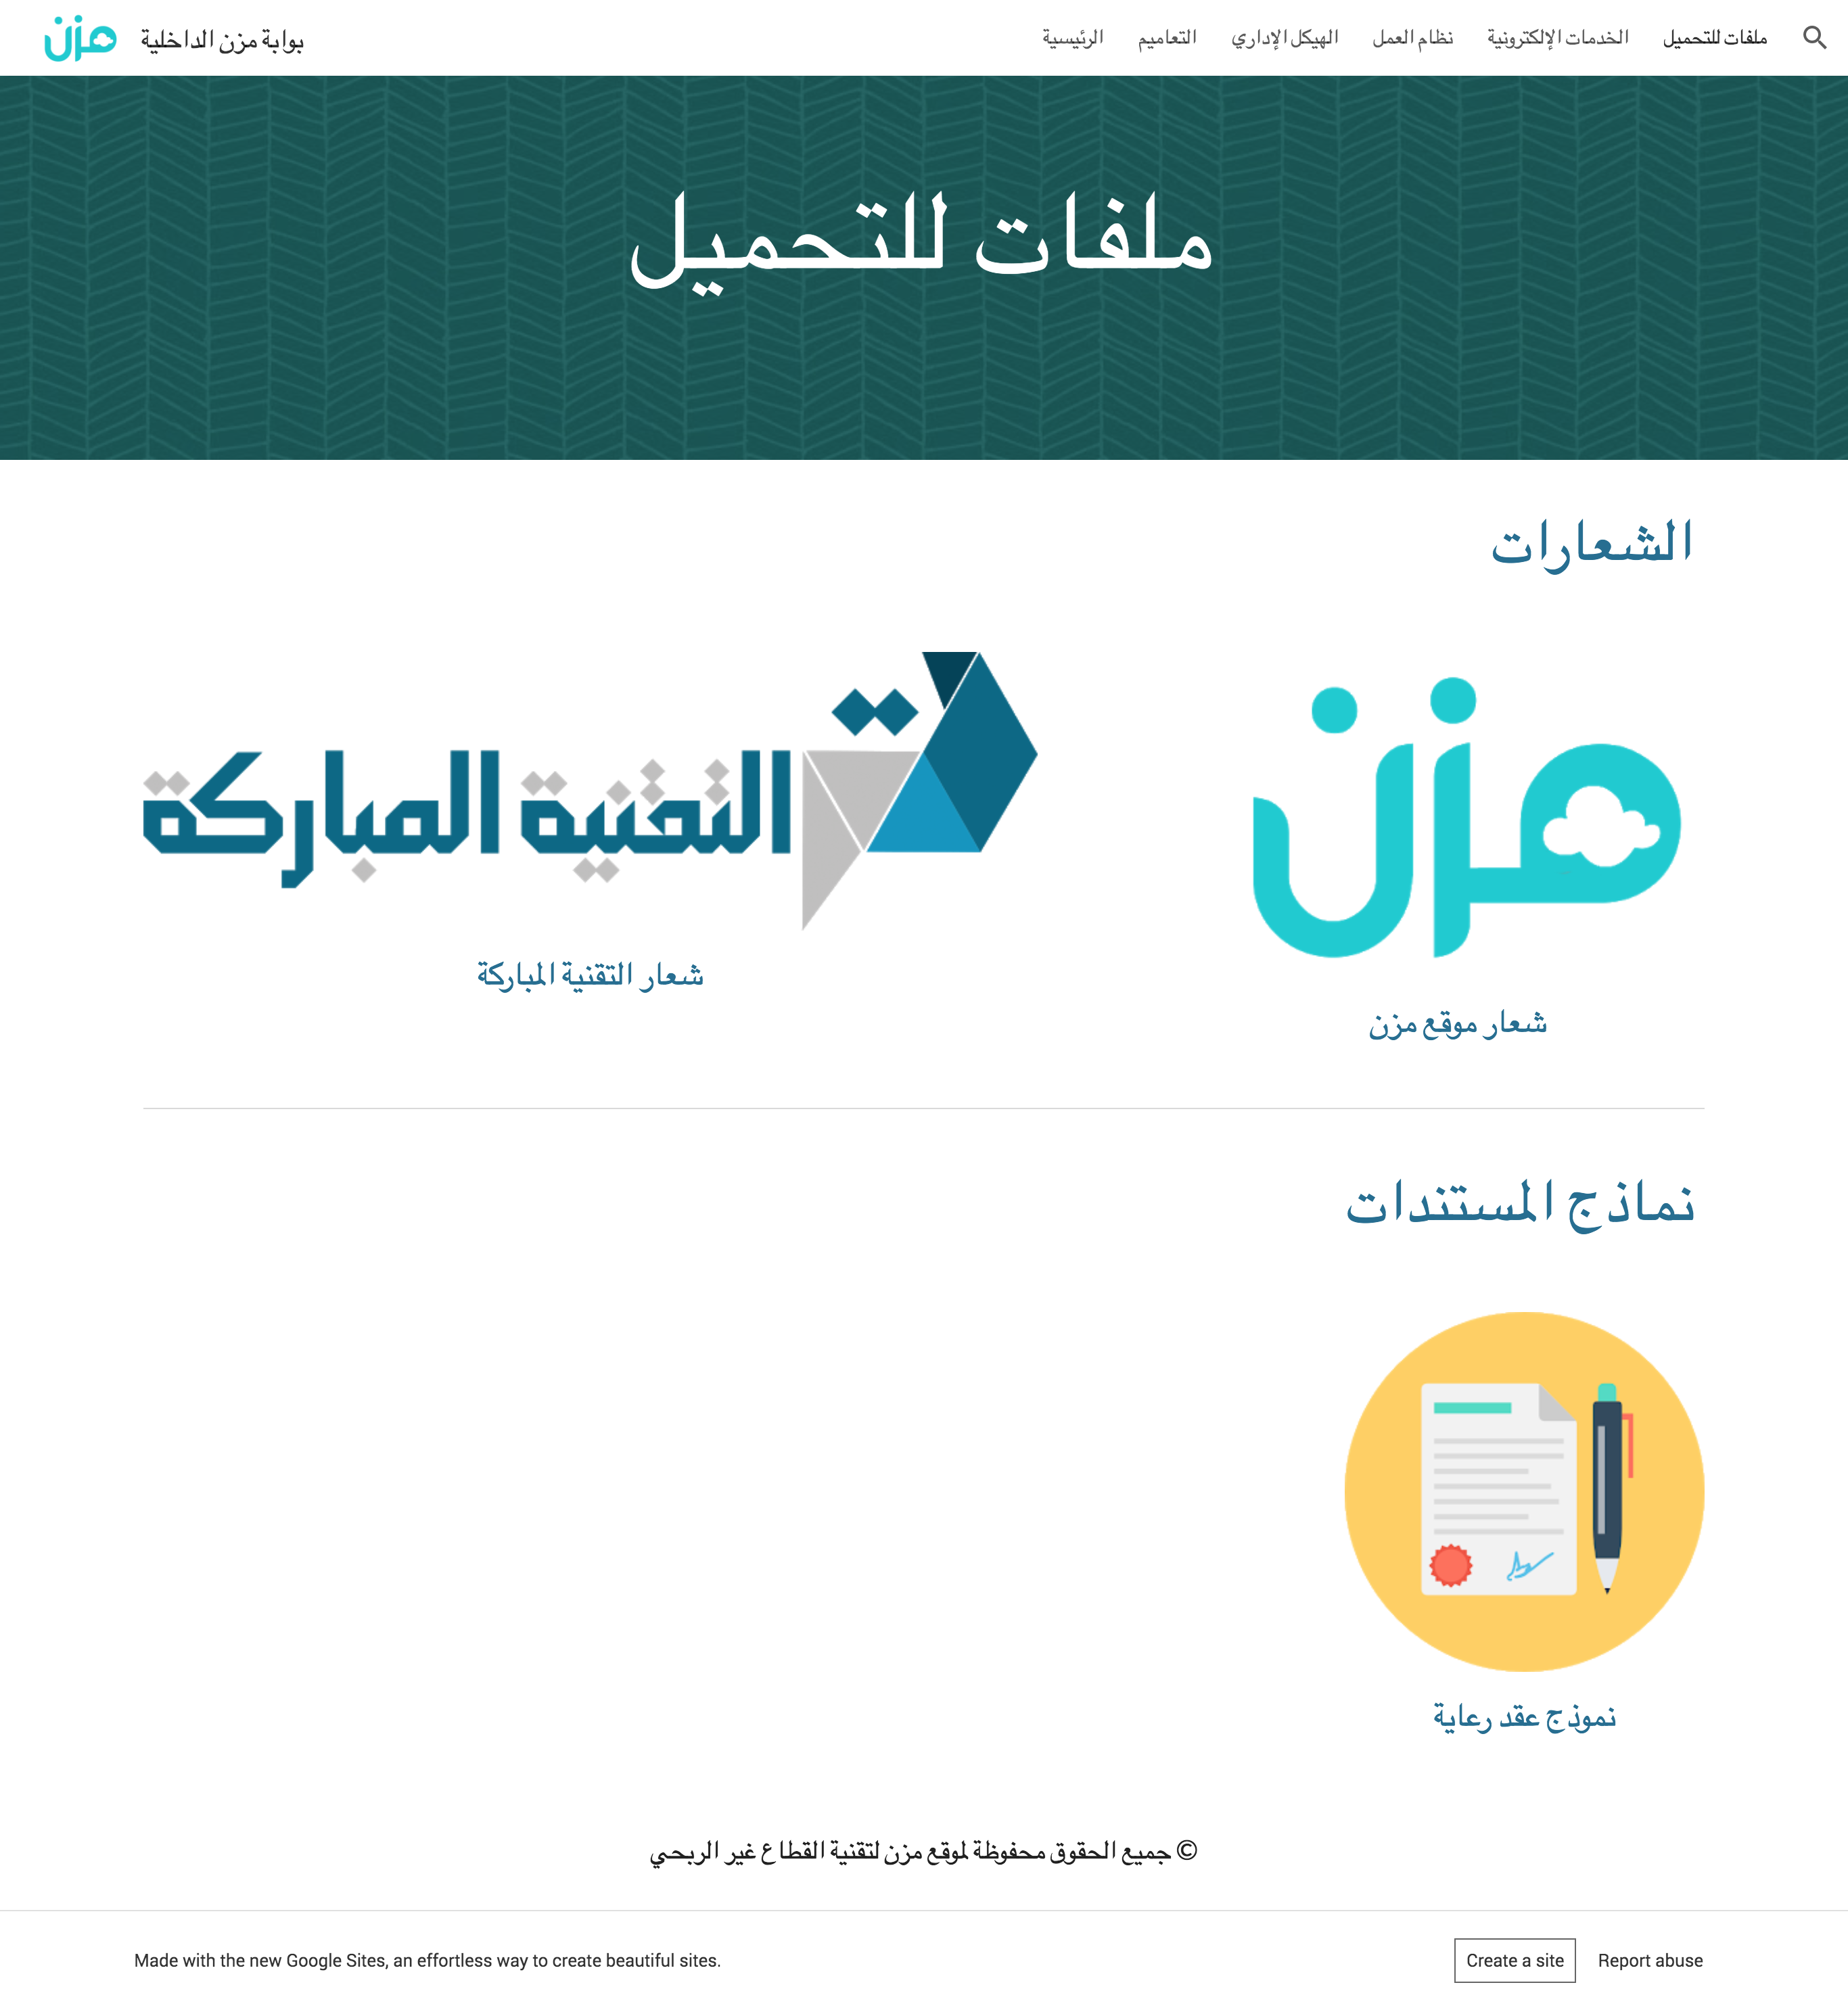 مثال صفحة ملفات للتحميل